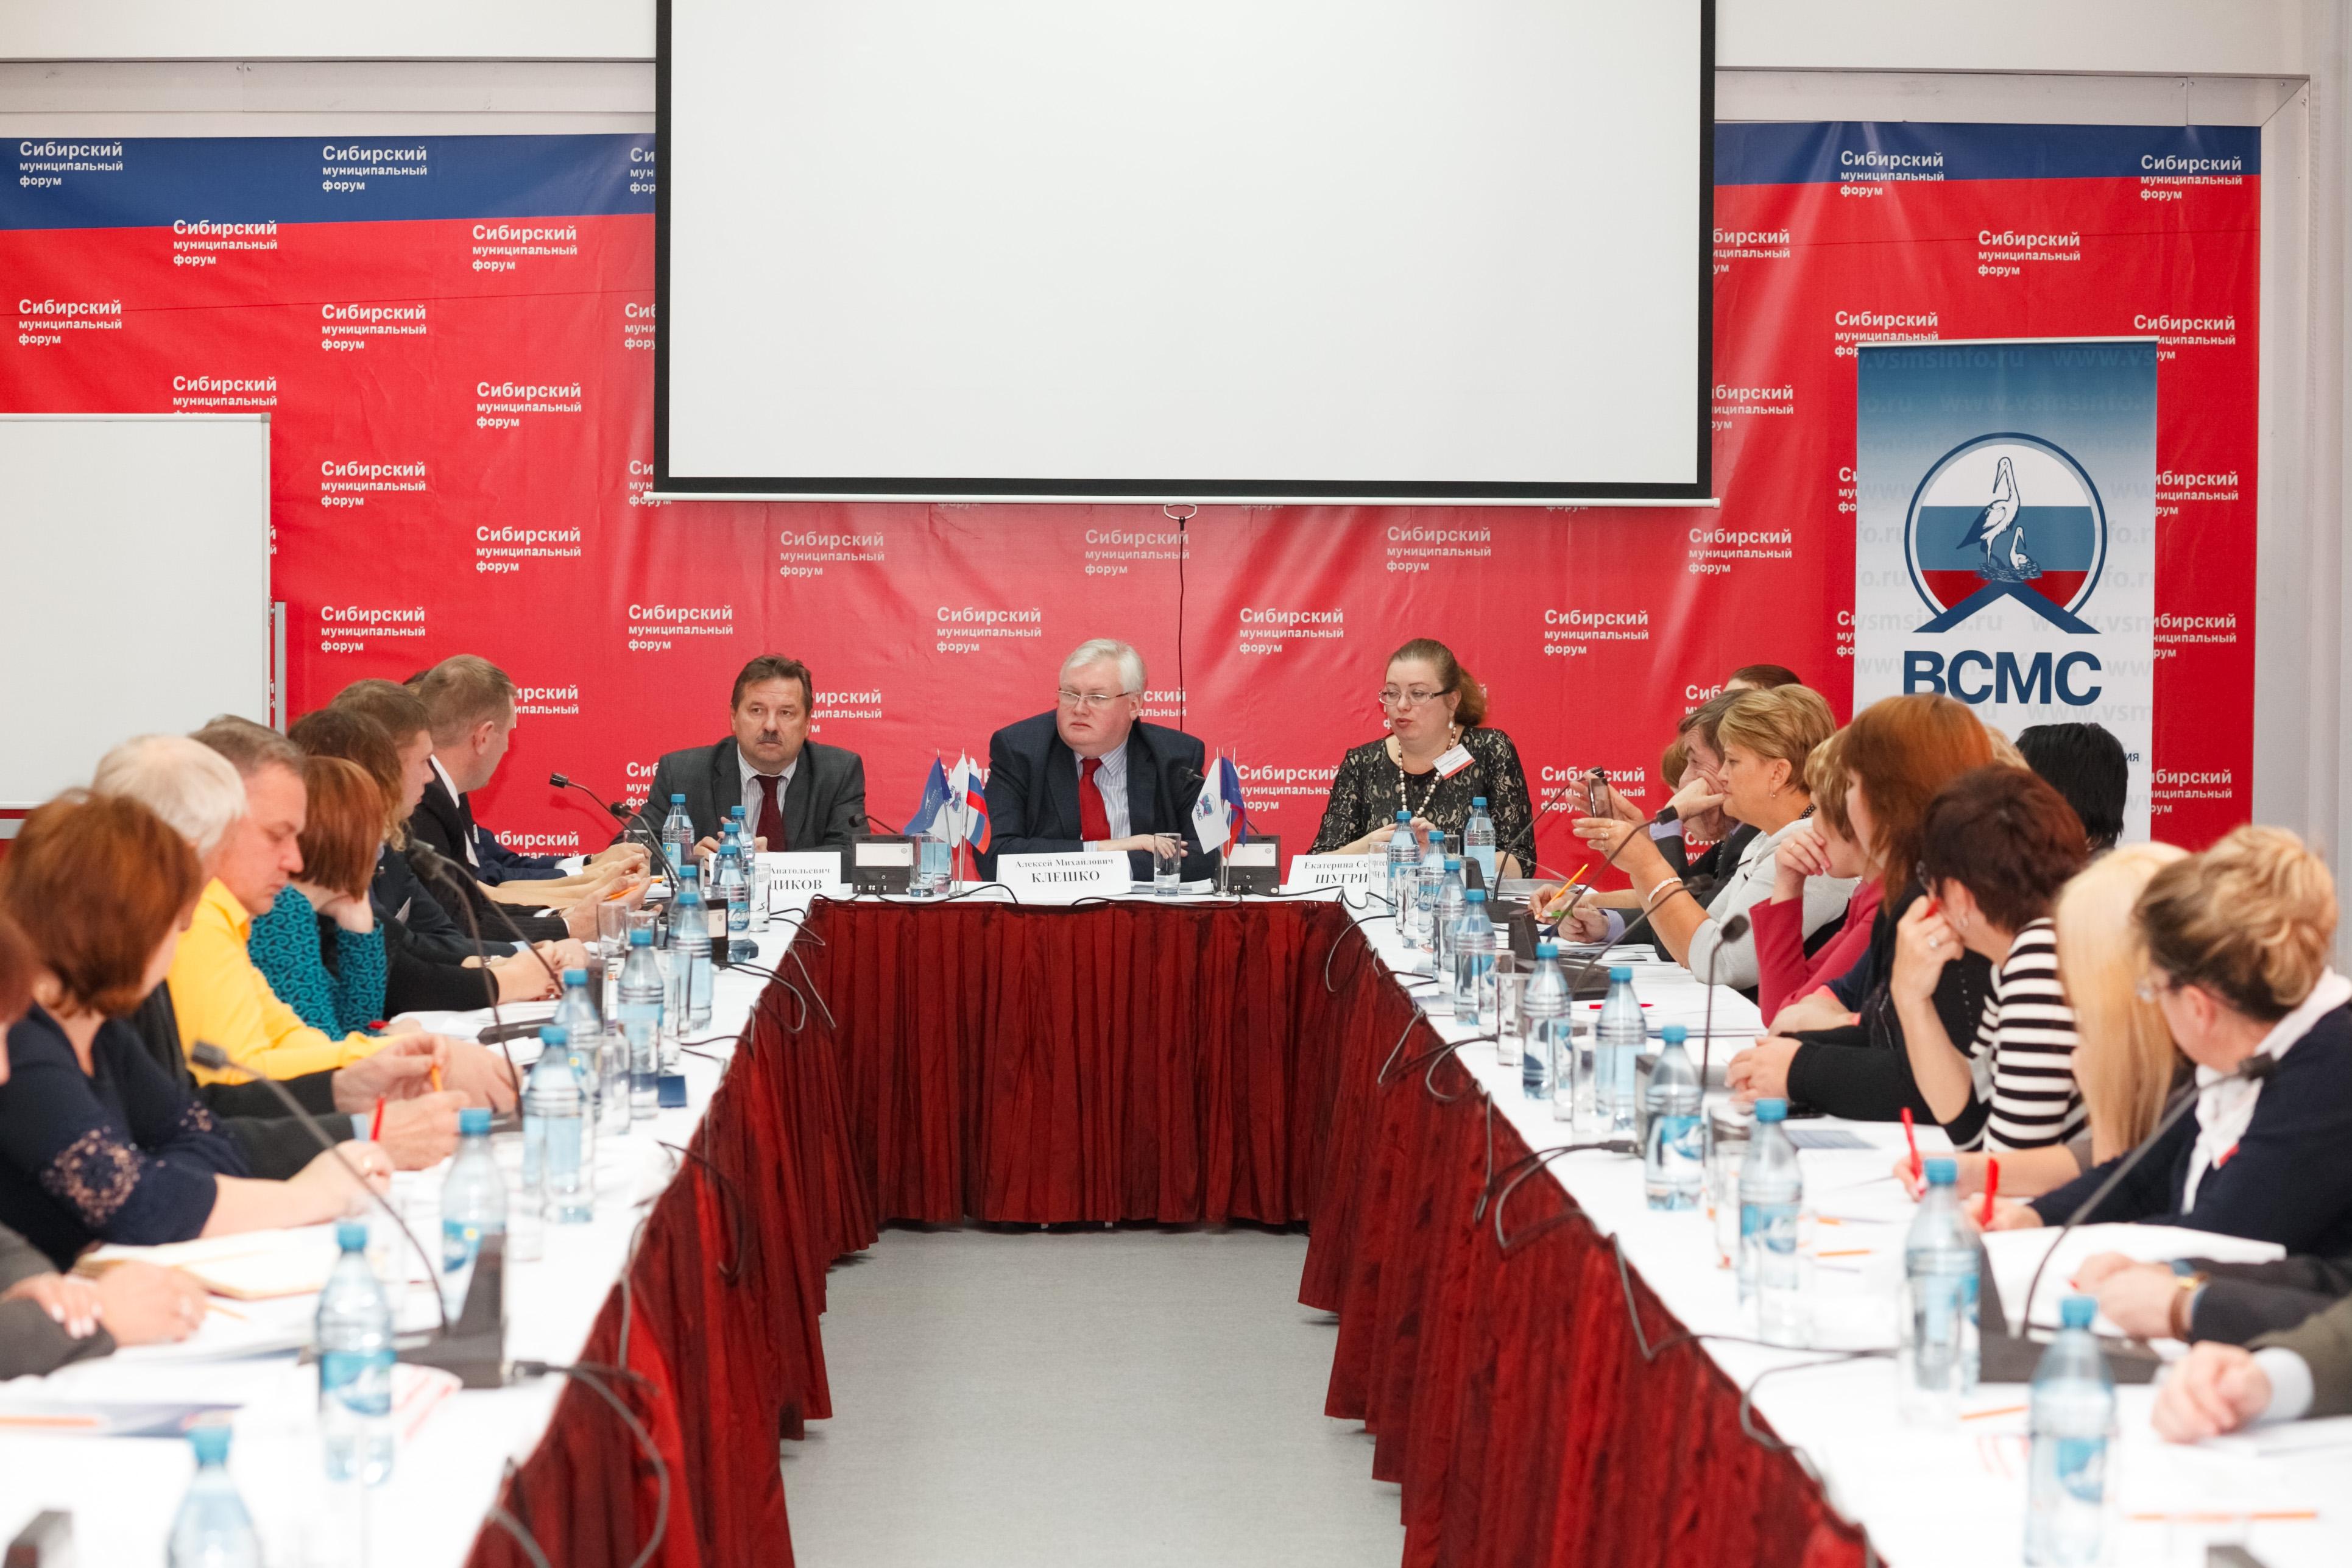 Профессор Екатерина Шугрина приняла участие в работе VI Сибирского муниципального форума #3